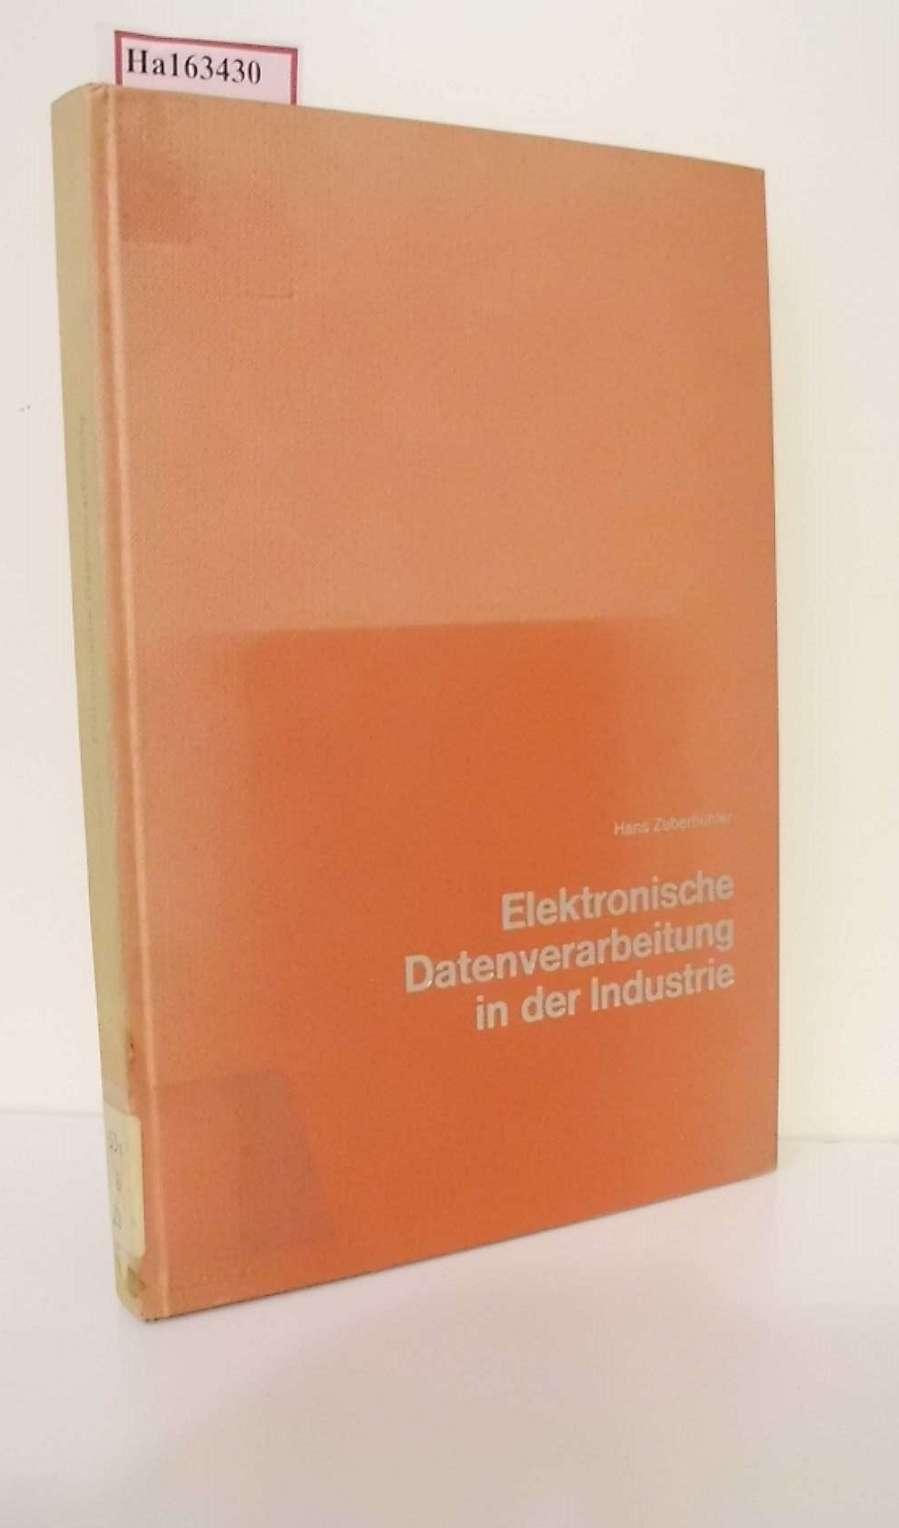 Elektronische Datenverarbeitung in der Industrie. (=Schriftenreihe